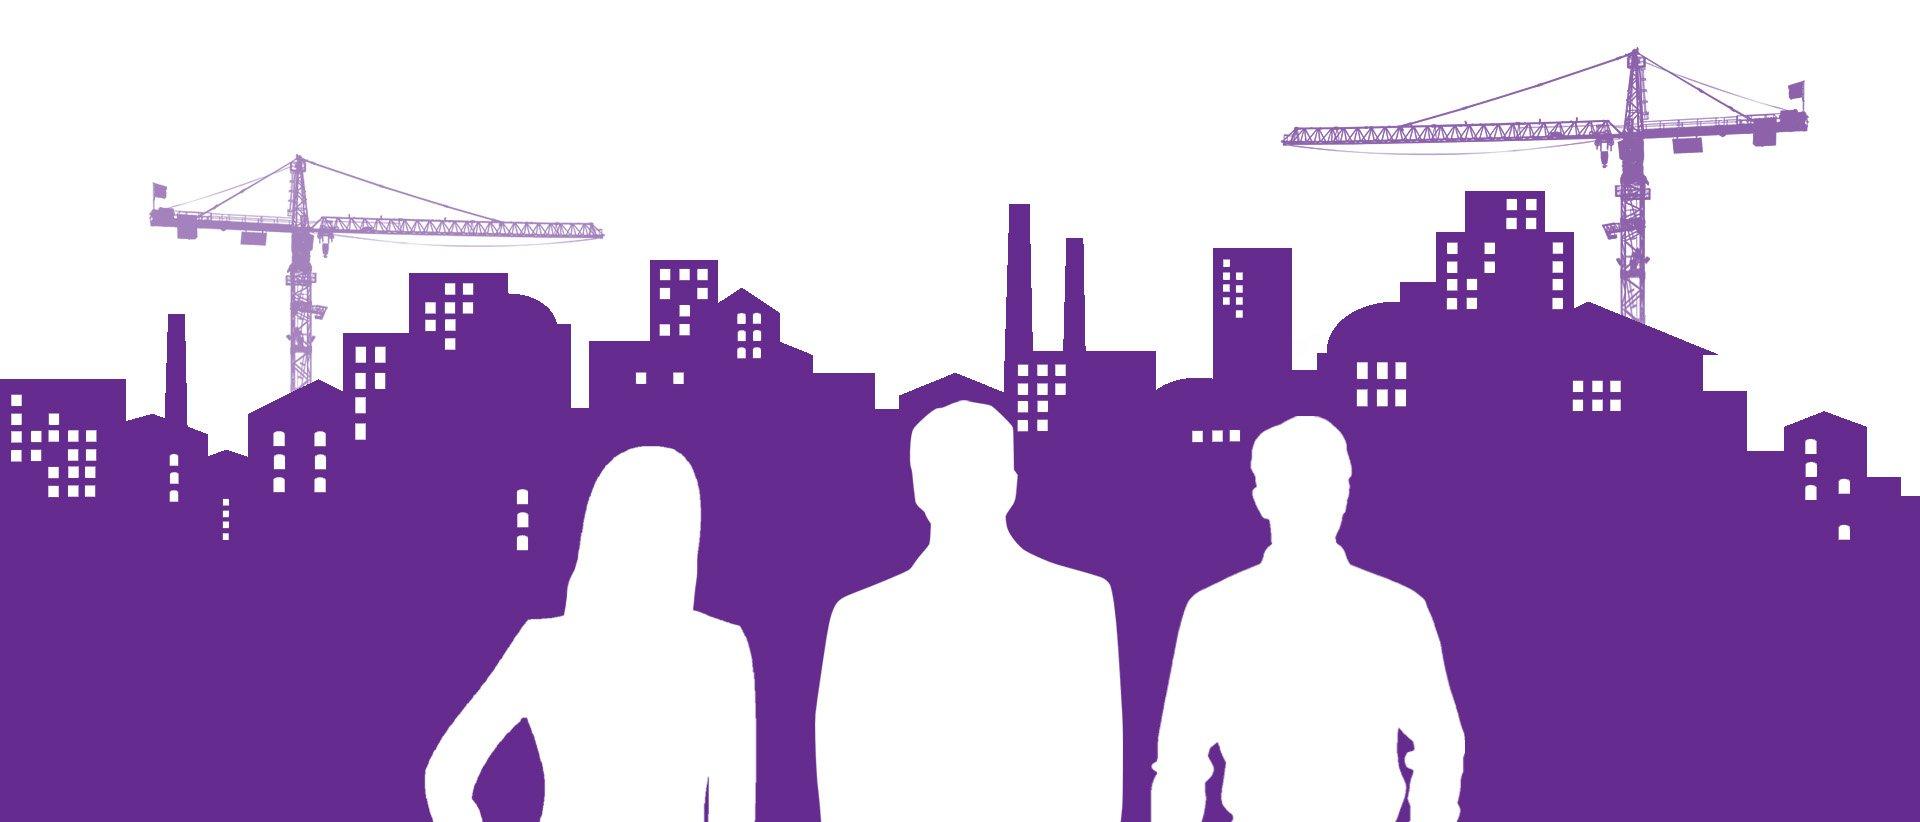 Siluettipiirros kaupungista. Kolme ihmistä seisoo kuvan etualalla.